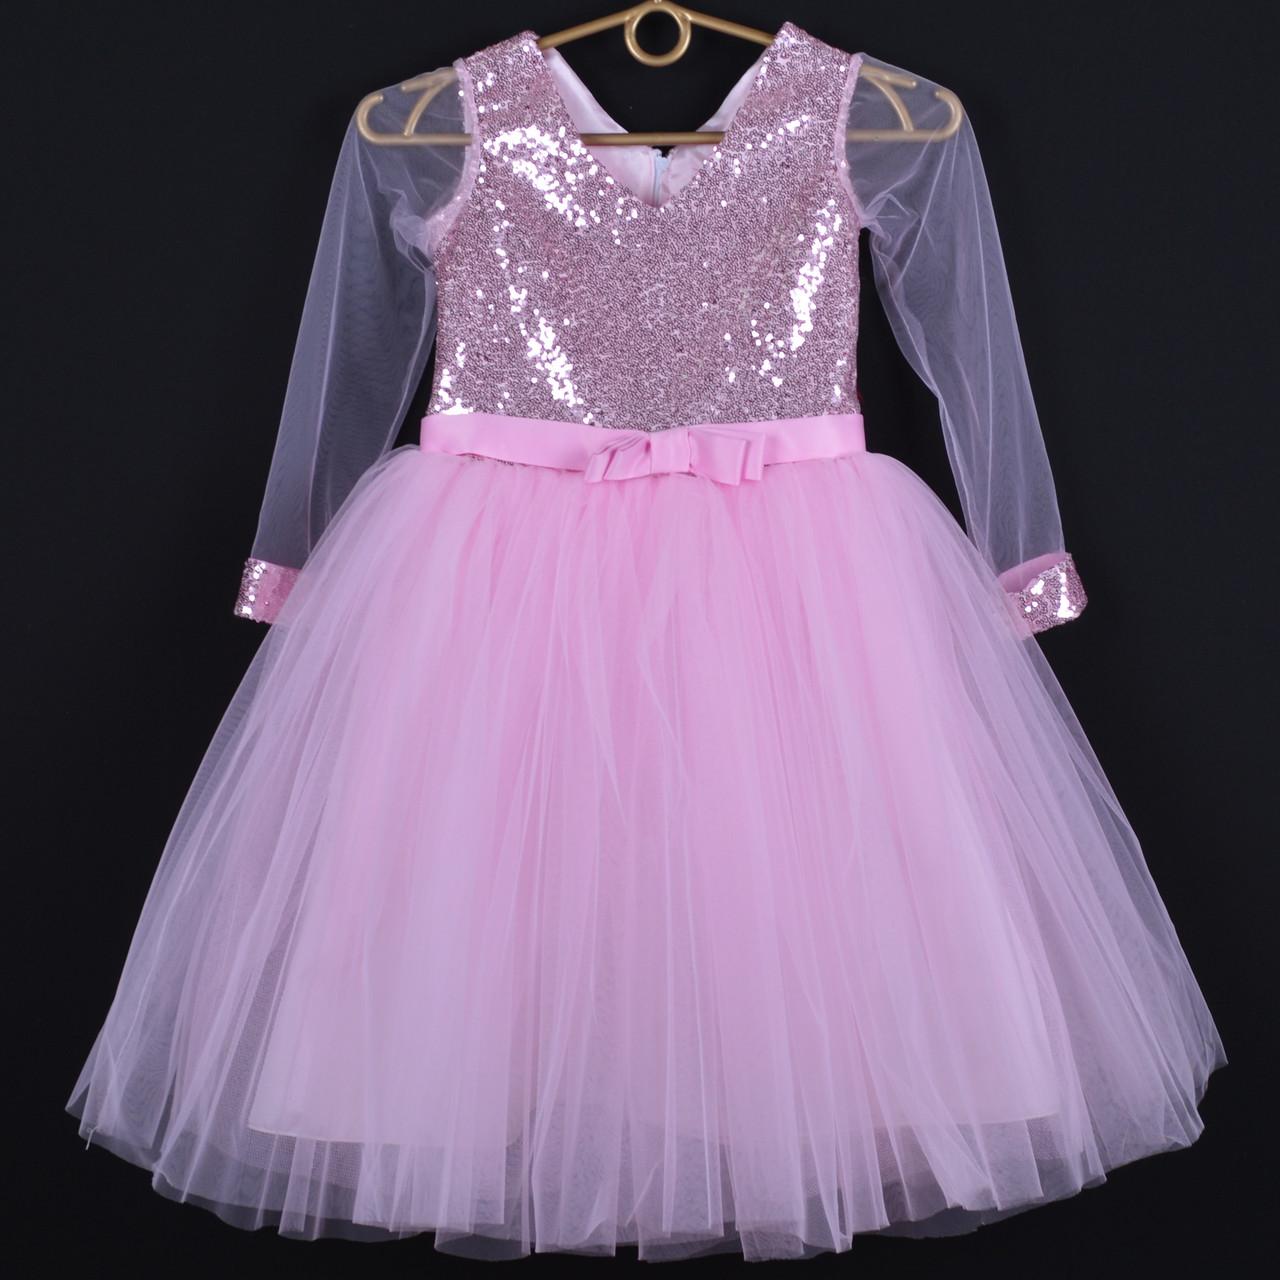 """Платье нарядное детское """"Королева Лия"""" с пайетками 4-6 лет. Розовое. Оптом и в розницу"""